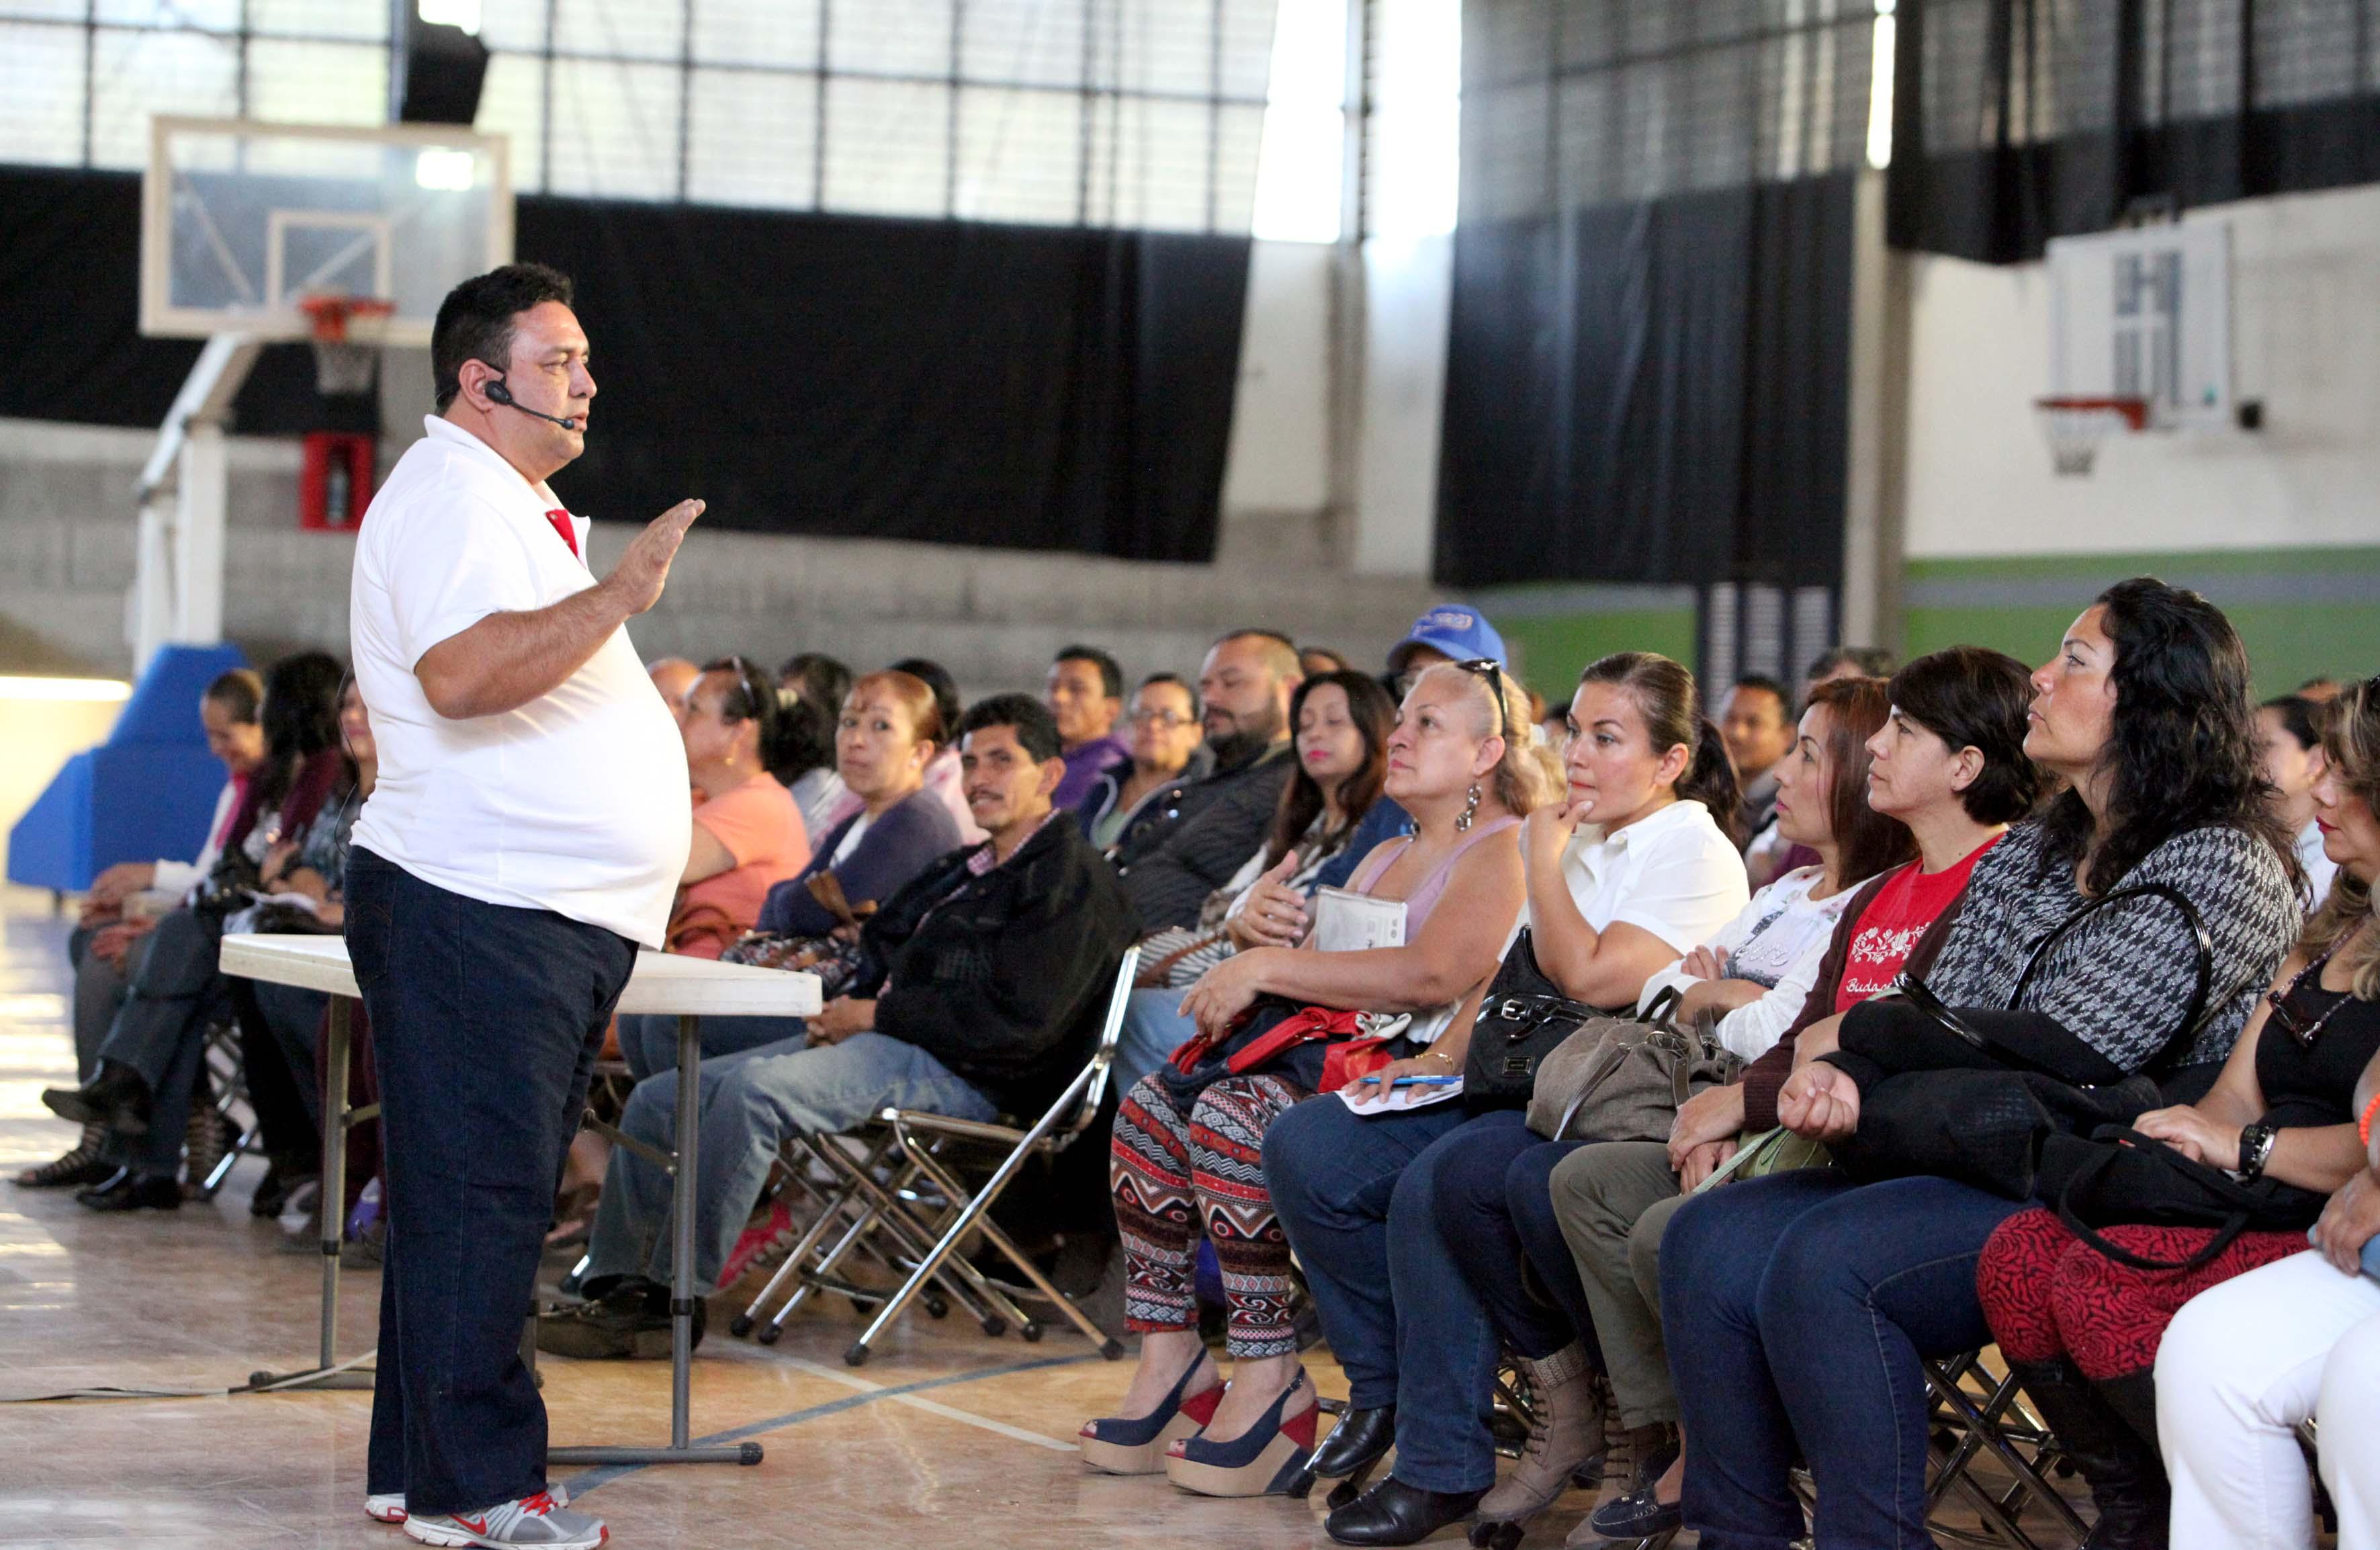 Expositor de la charla mirando al público